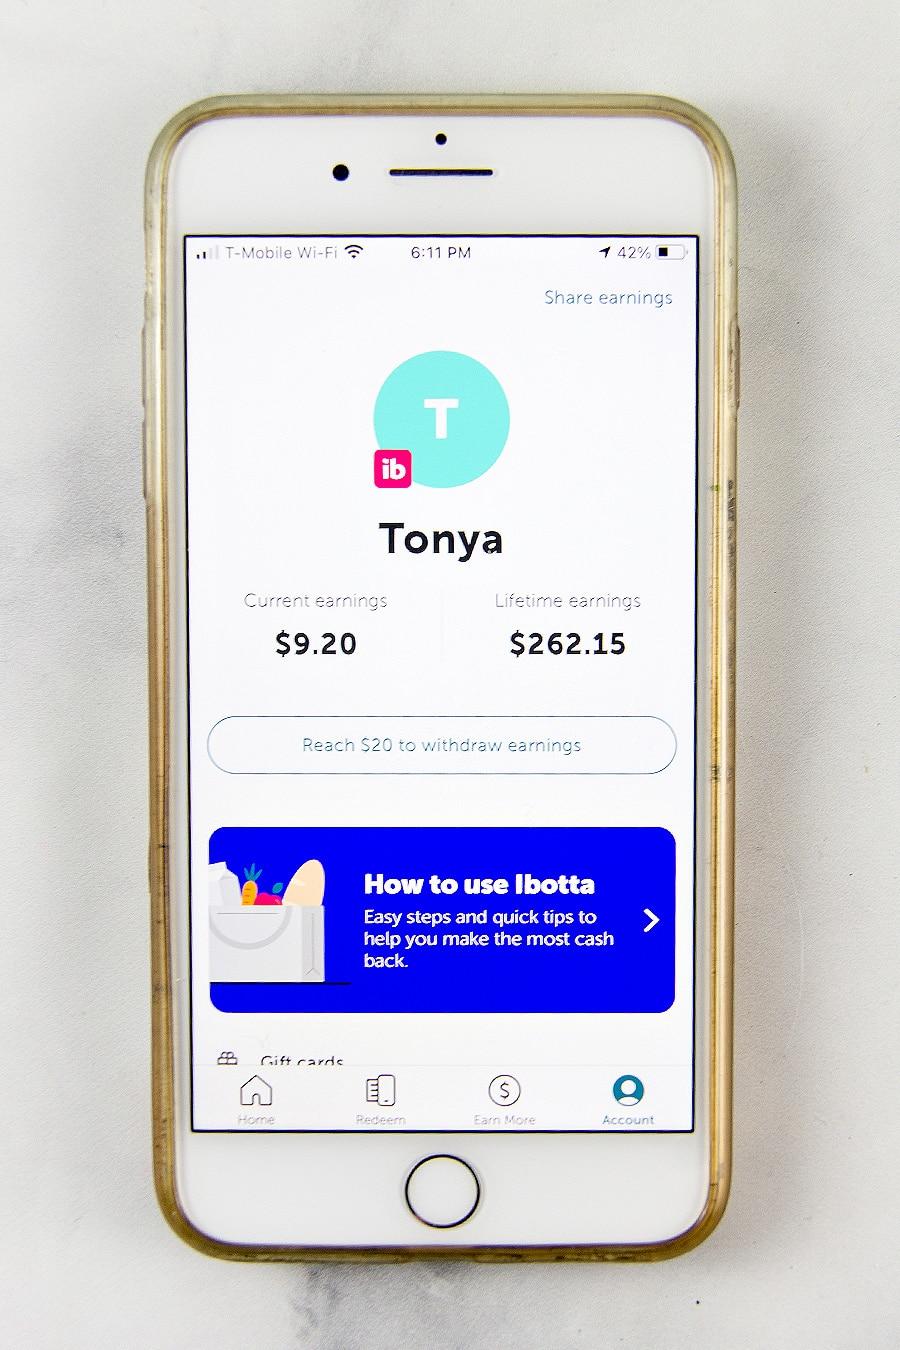 Cash back earnings through the Ibotta app.